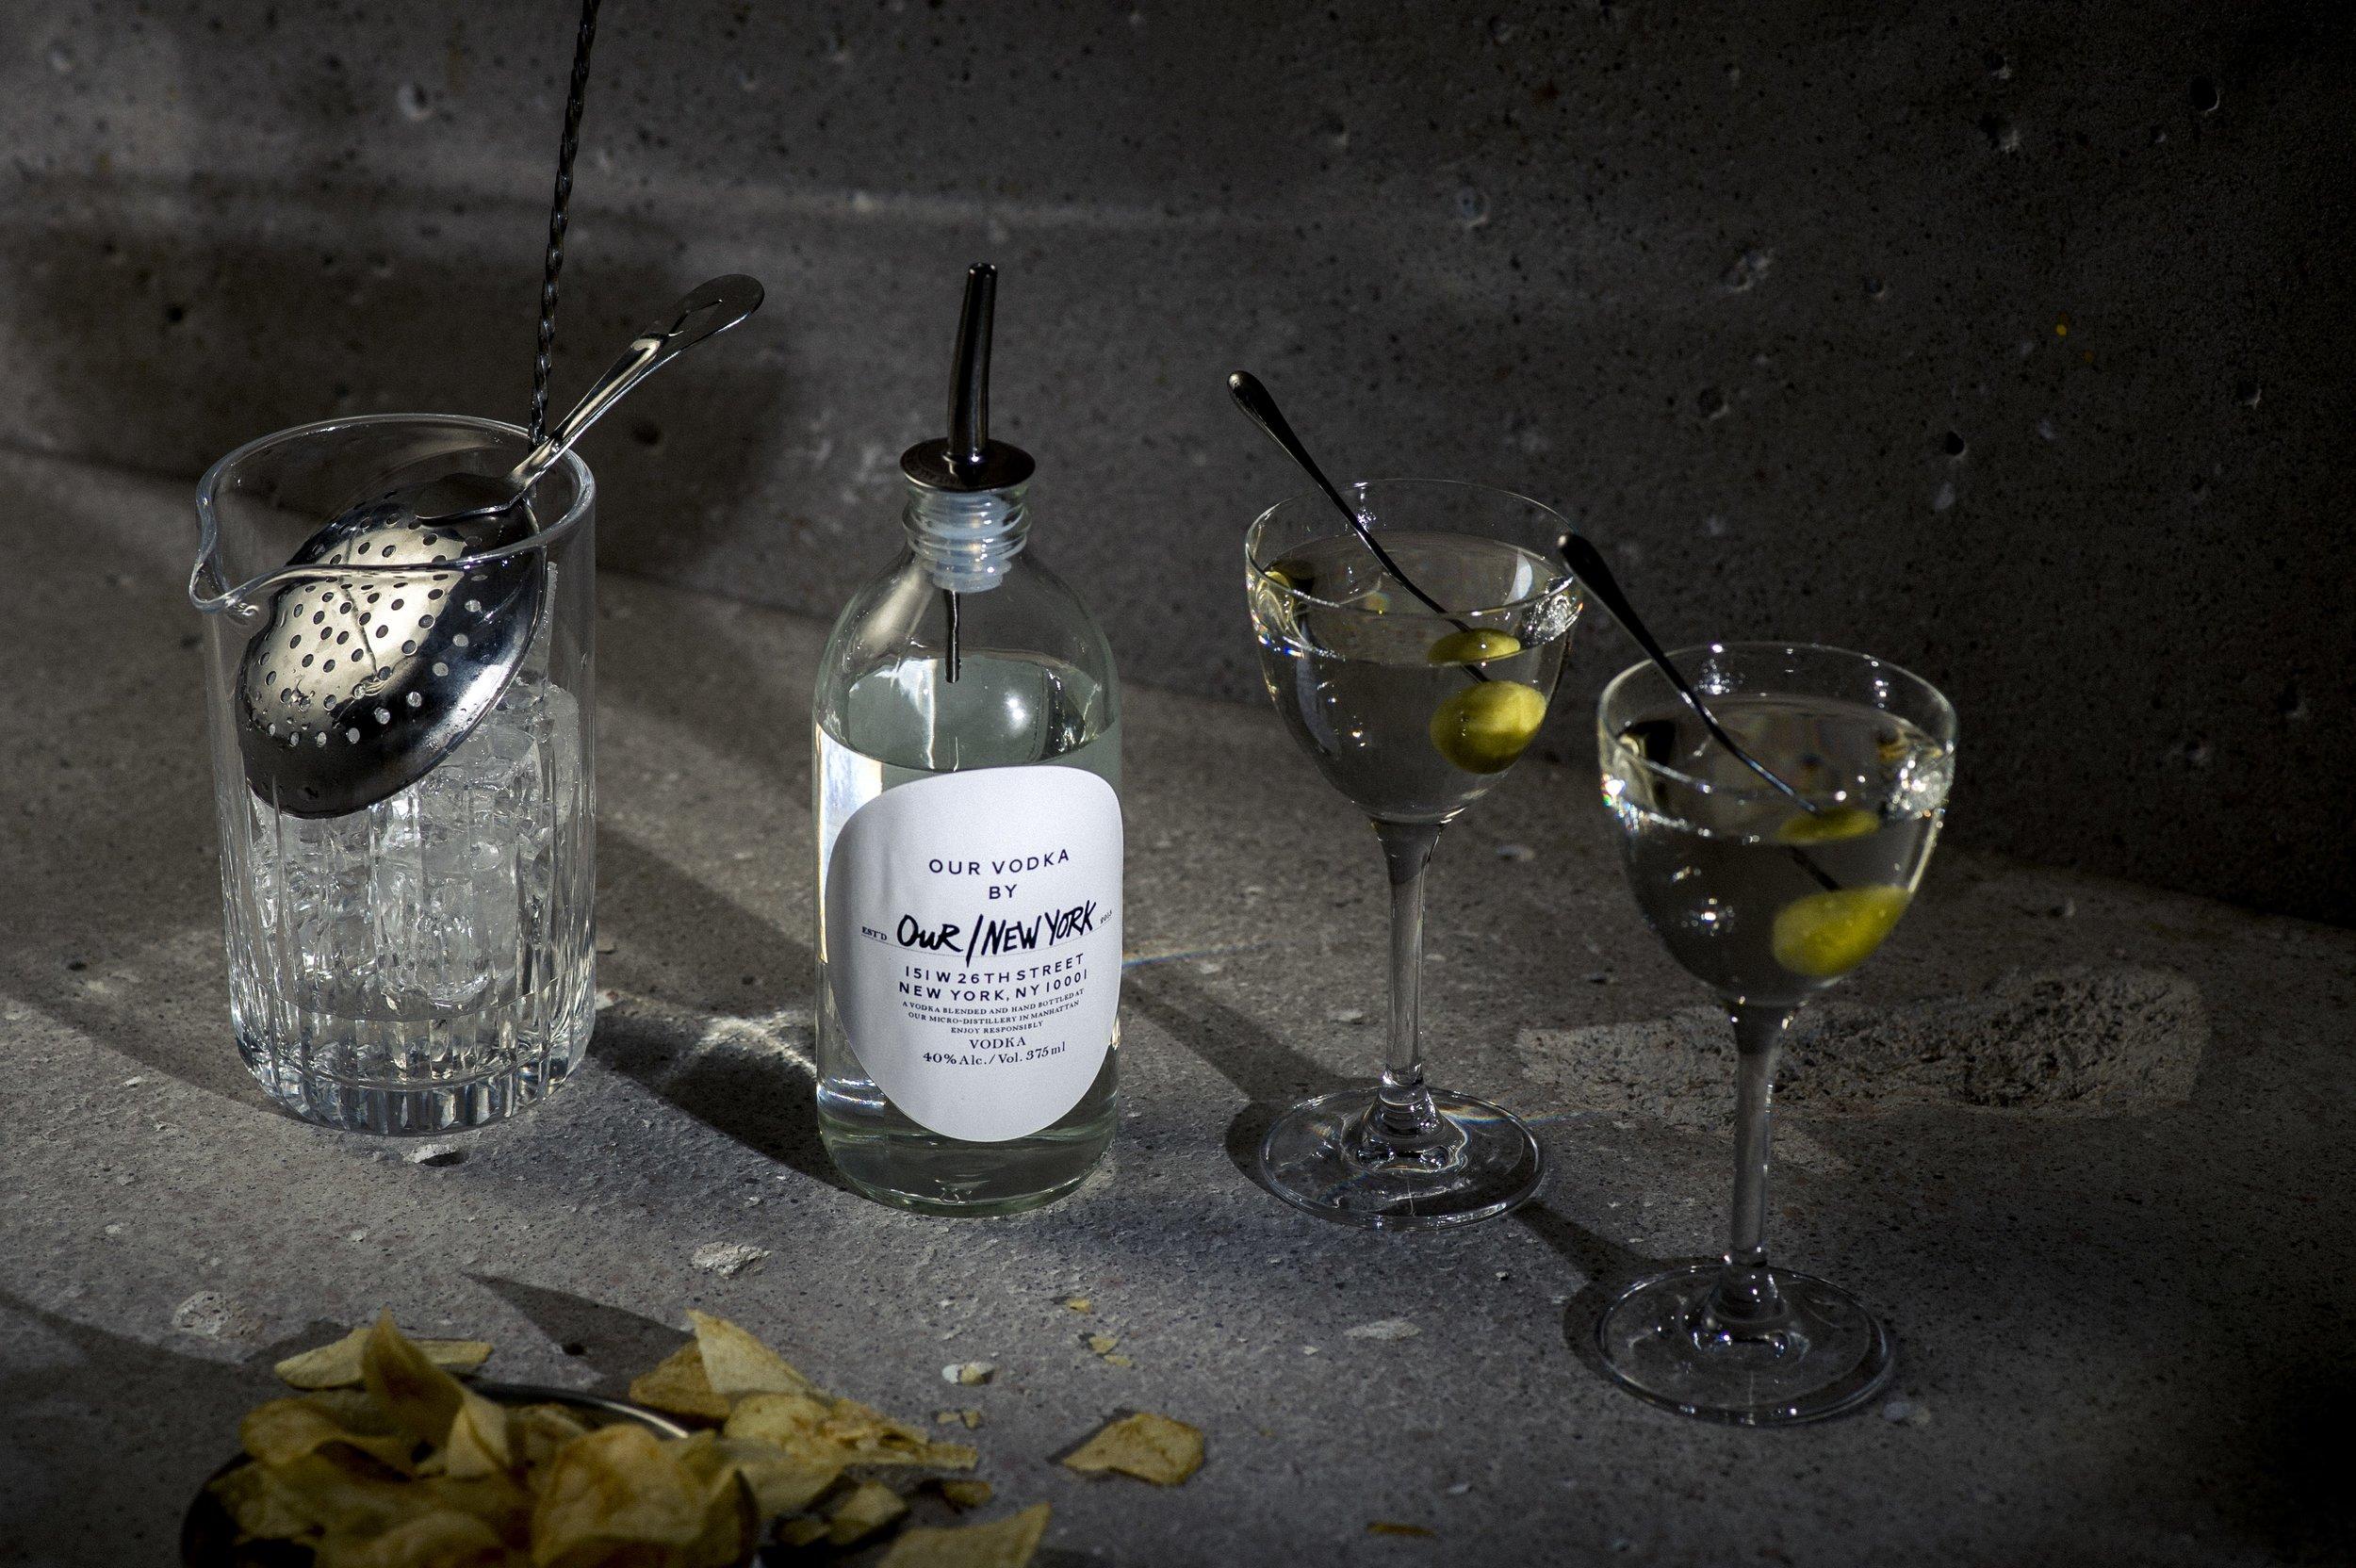 press-cocktails-OurVodka180131_0000-403-min.jpg